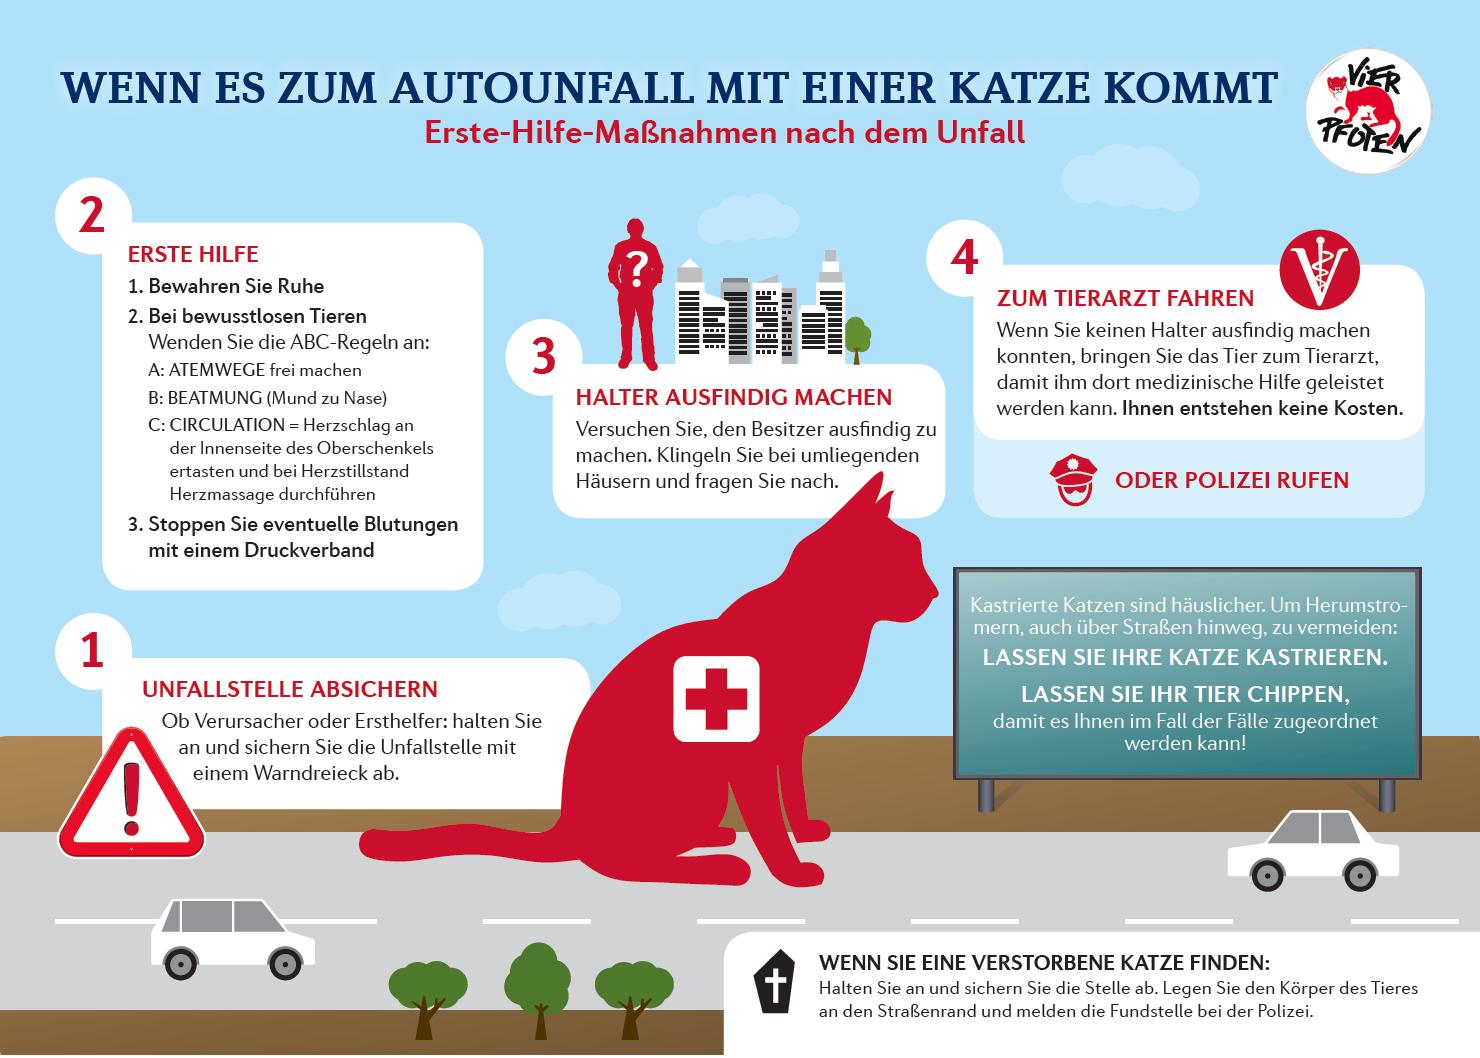 Katze angefahren: Erste Hilfe kann Leben retten * Haustiger